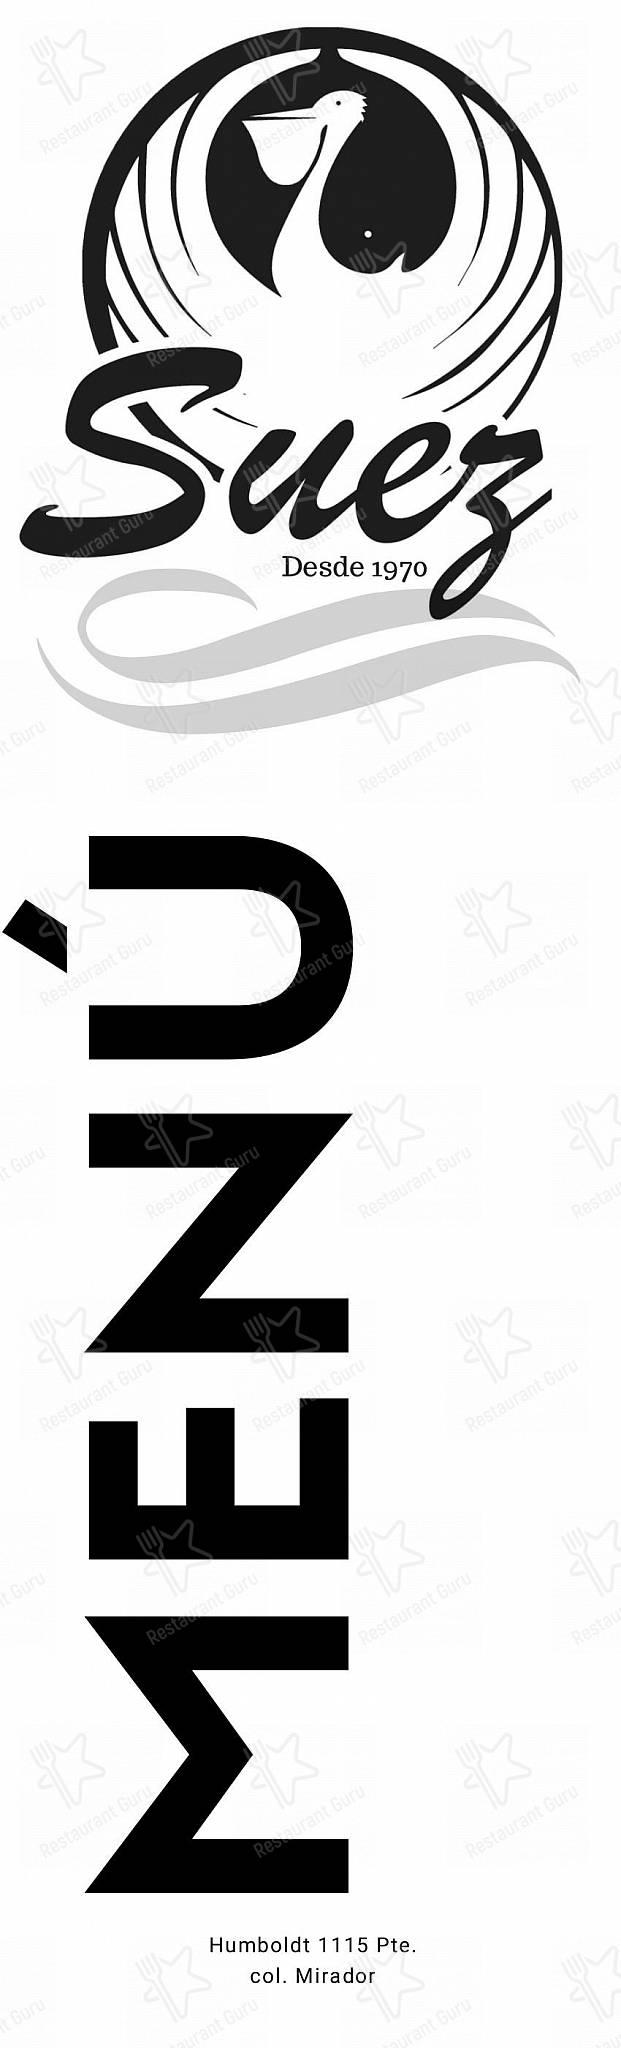 Carta de Suez - comidas y bebidas